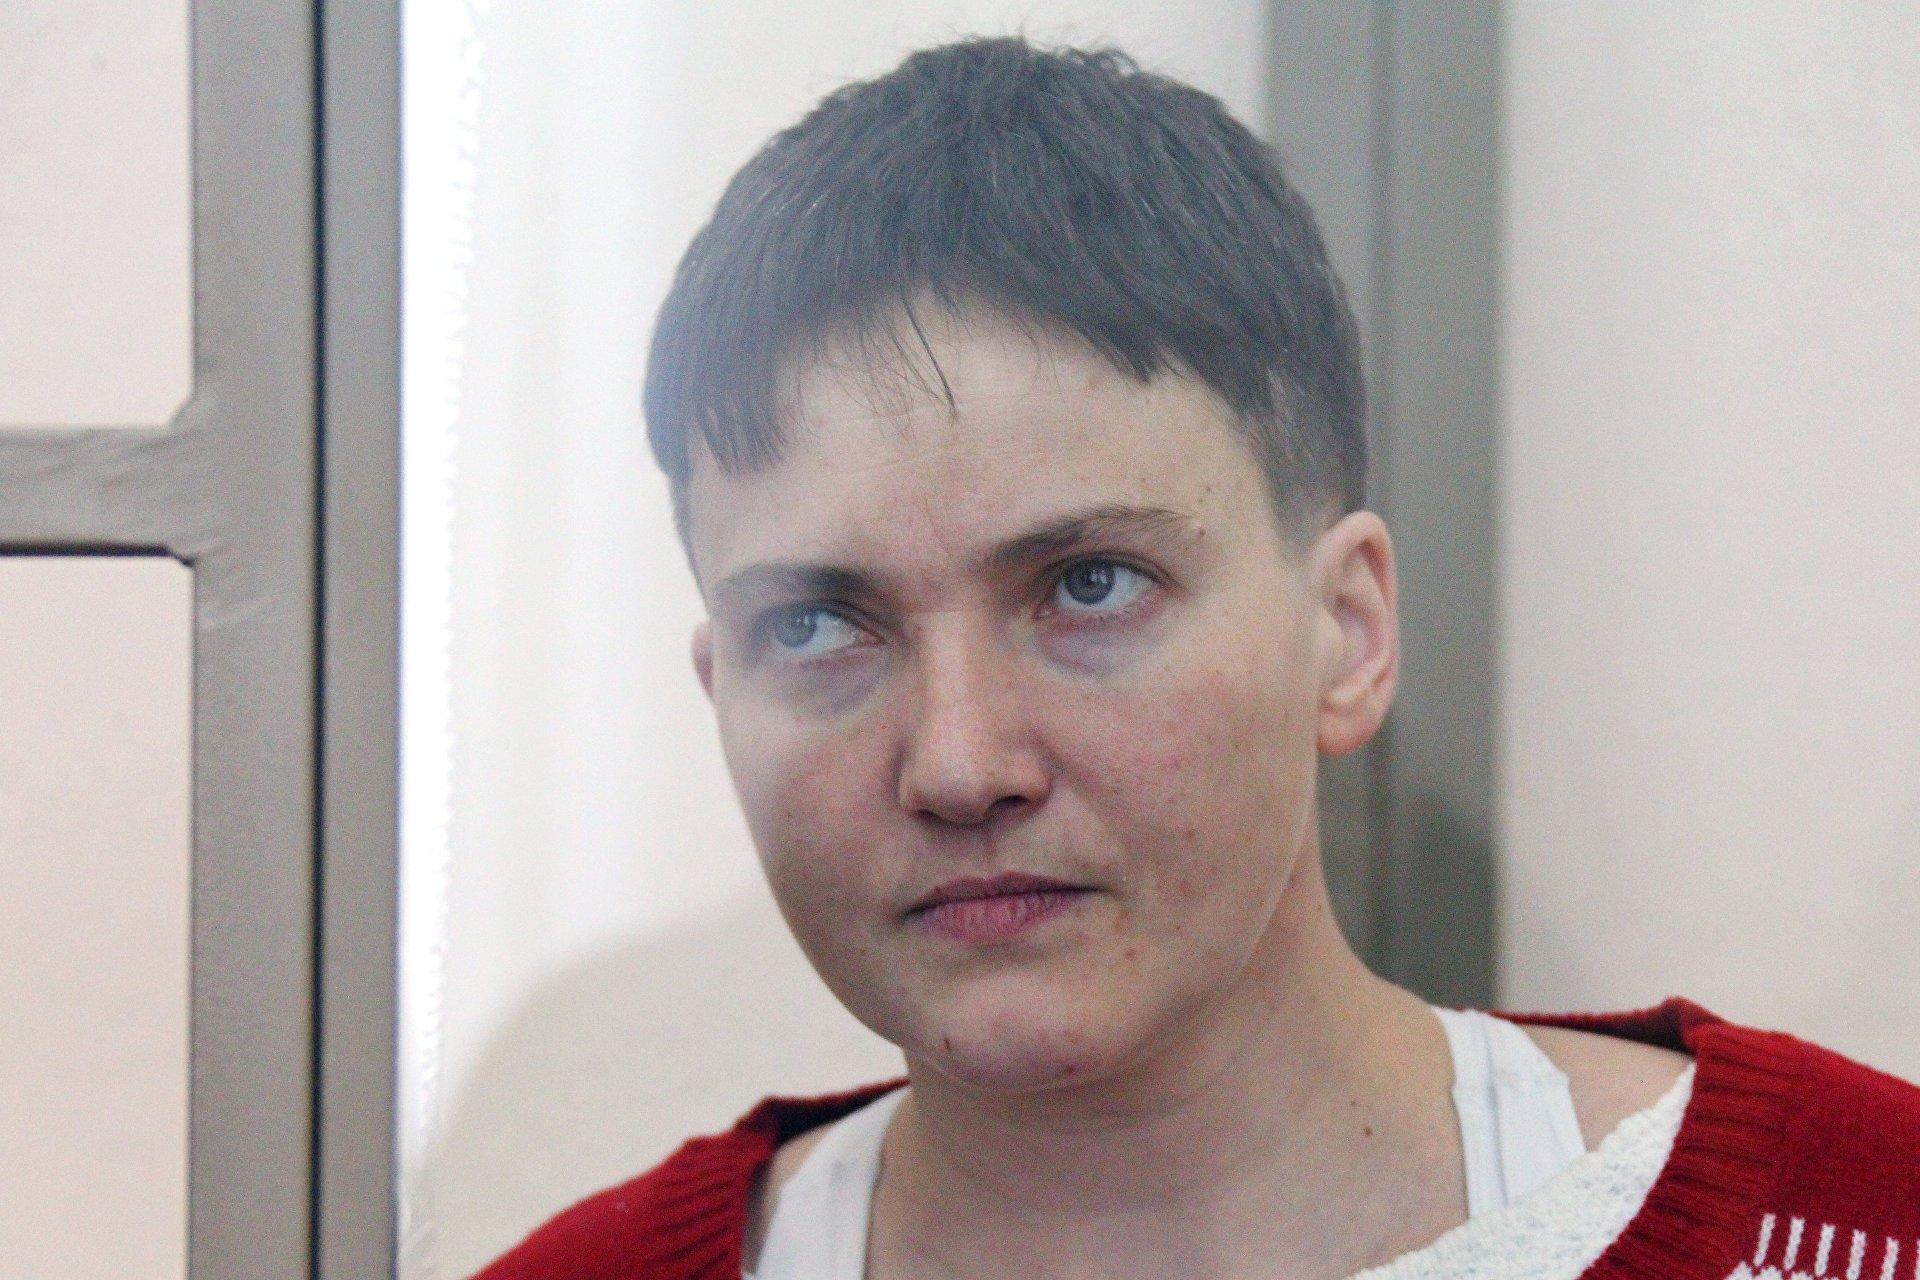 связано тем, савченко надежда последние фото с макияжем даёт наводку